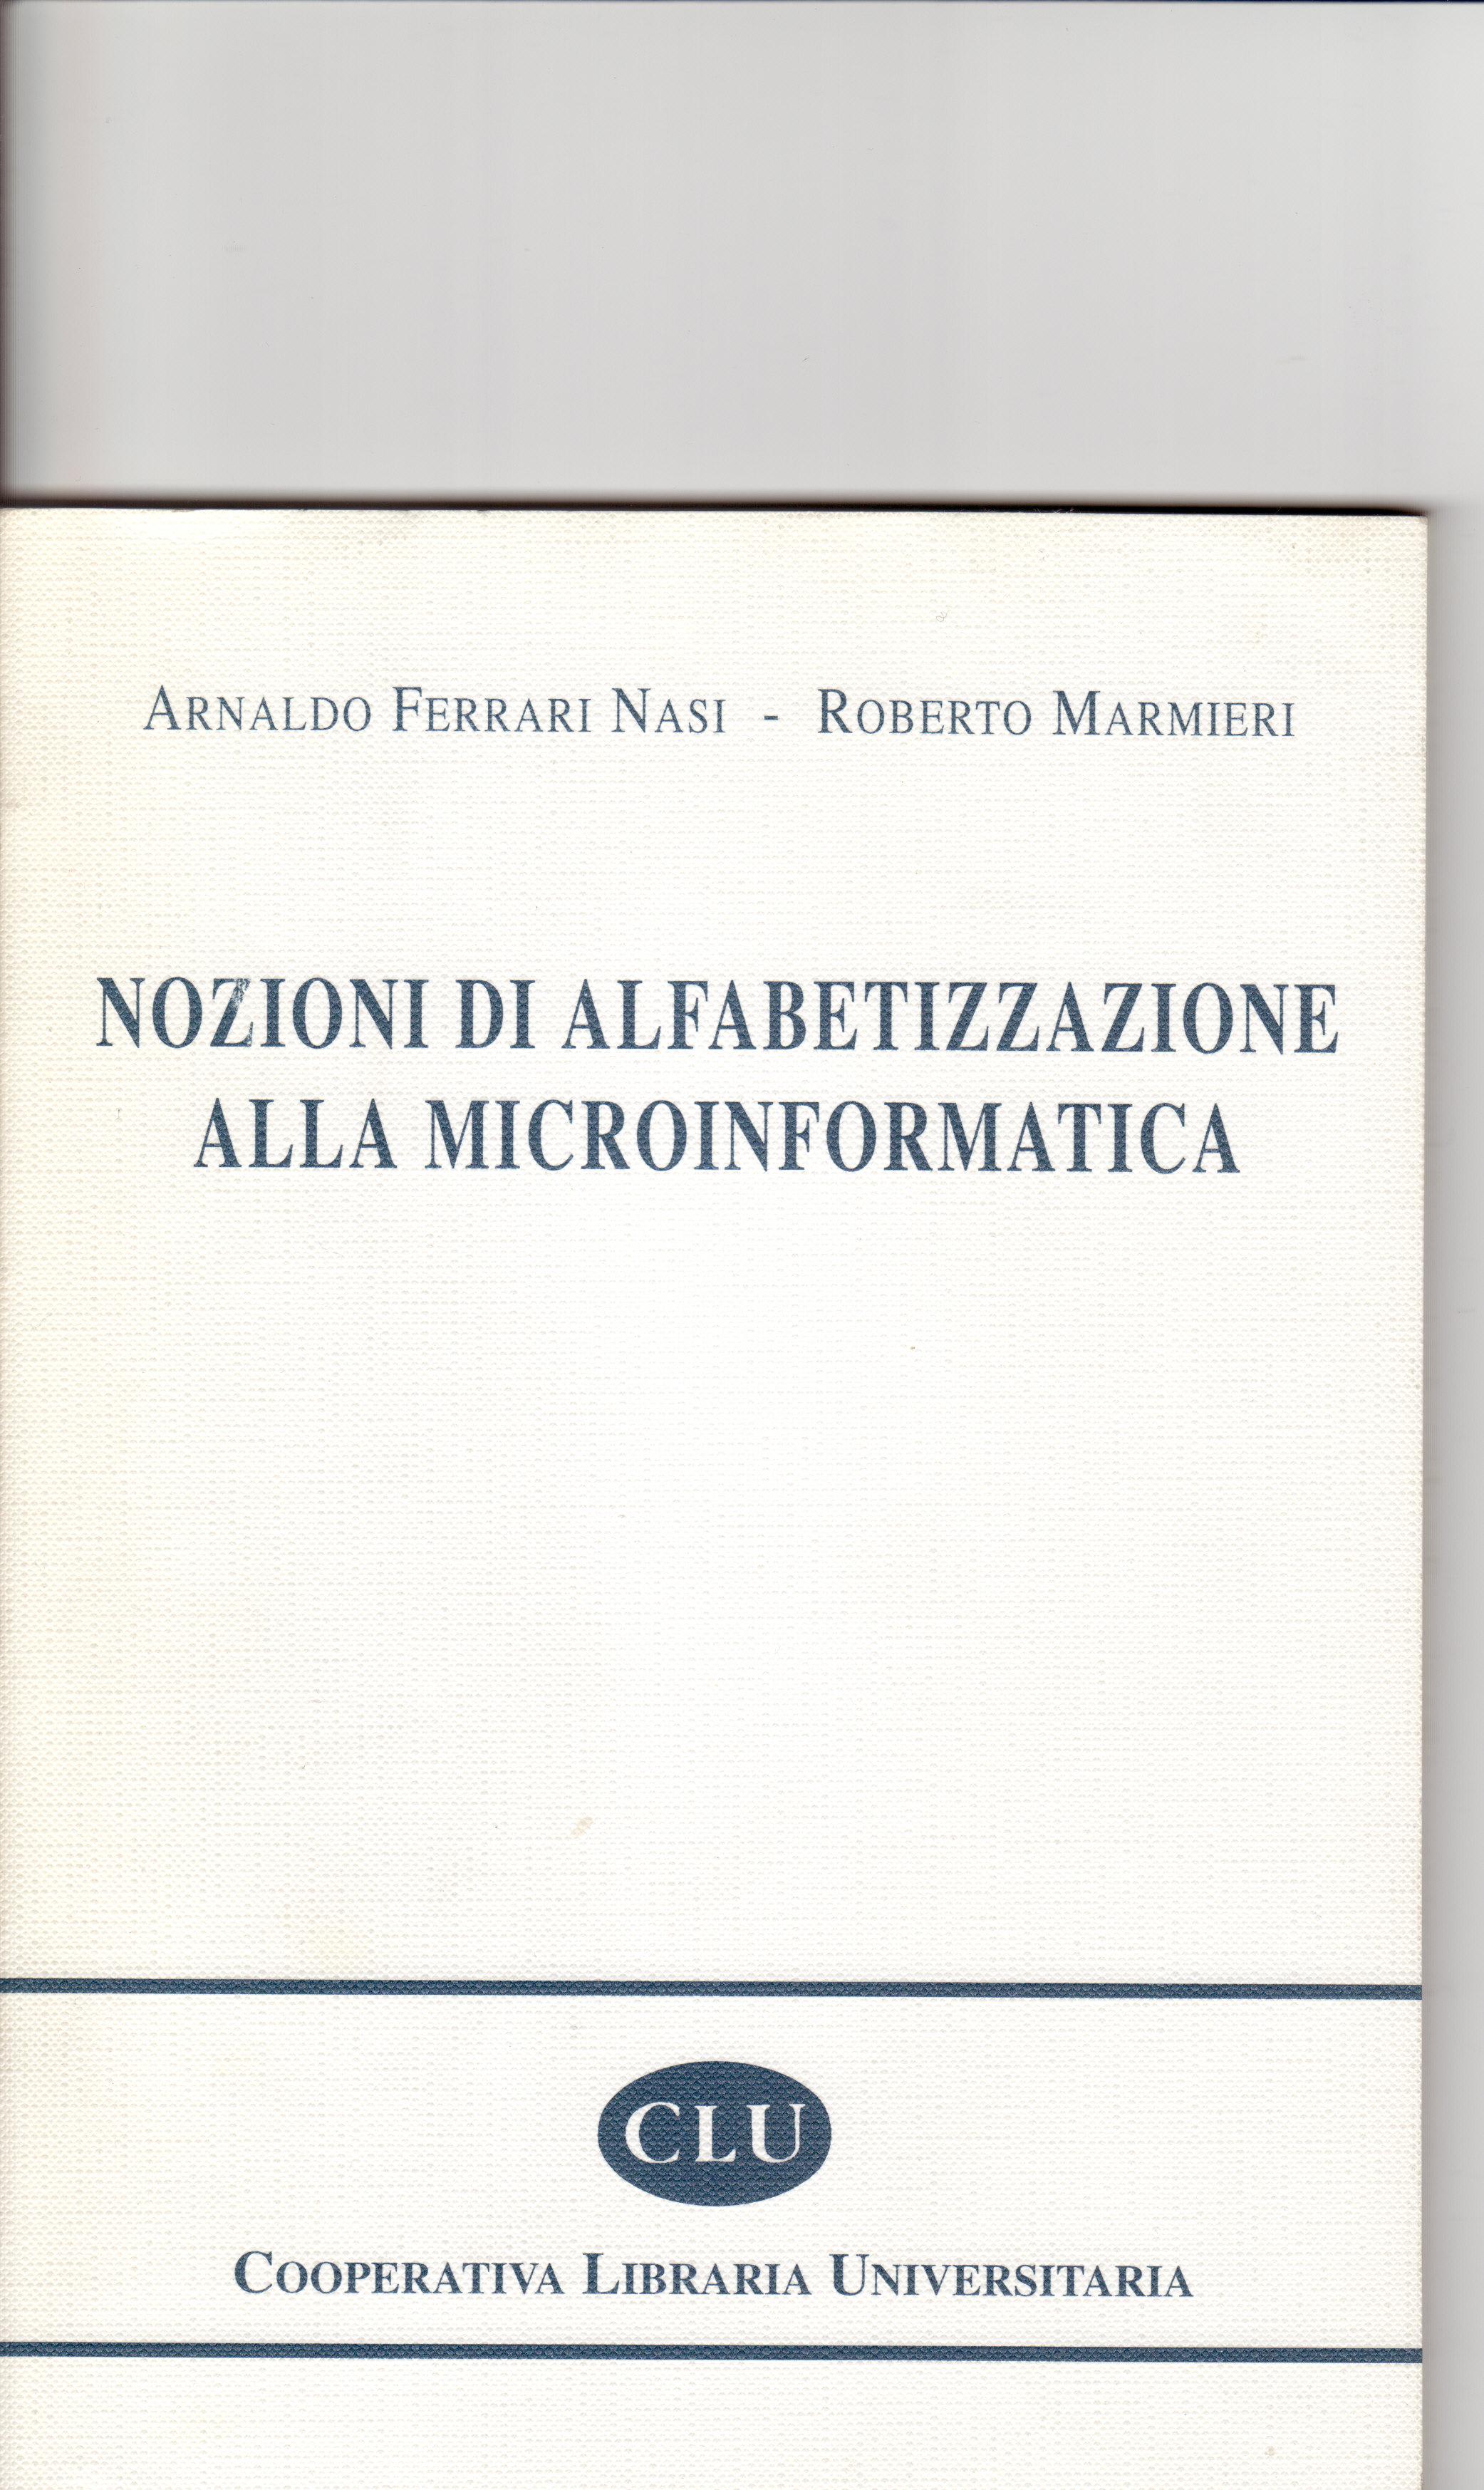 Nozioni di alfabetizzazione alla microinformatica